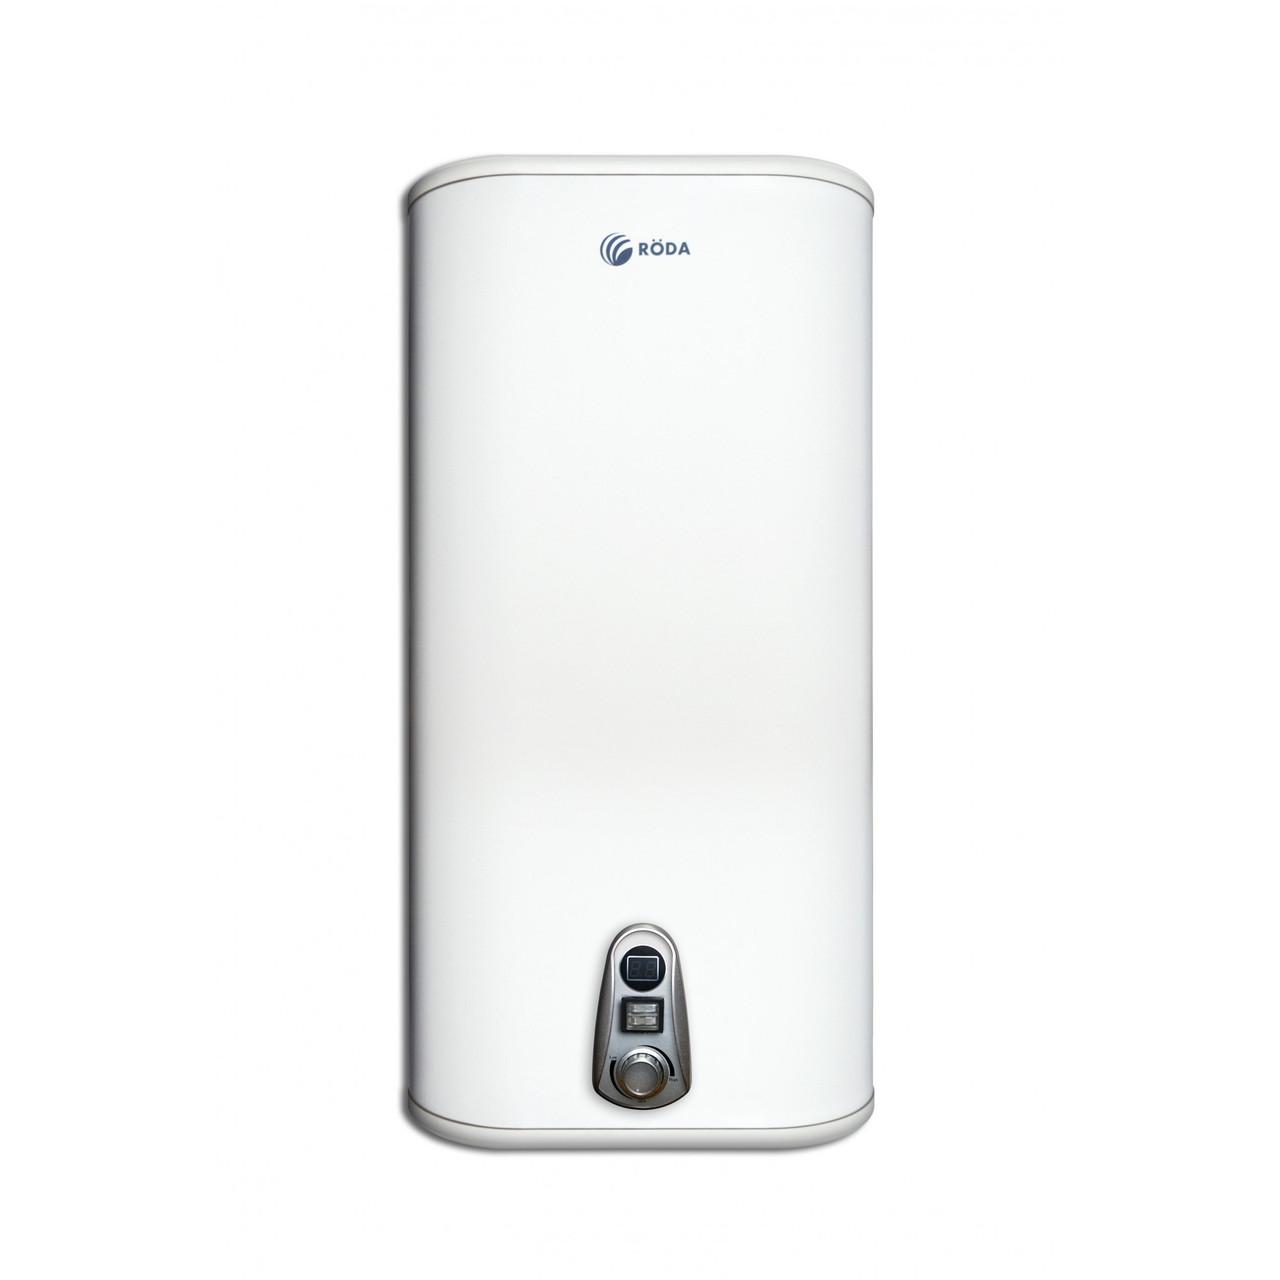 Электрический накопительный водонагреватель RODA Aqua INOX 80 VM